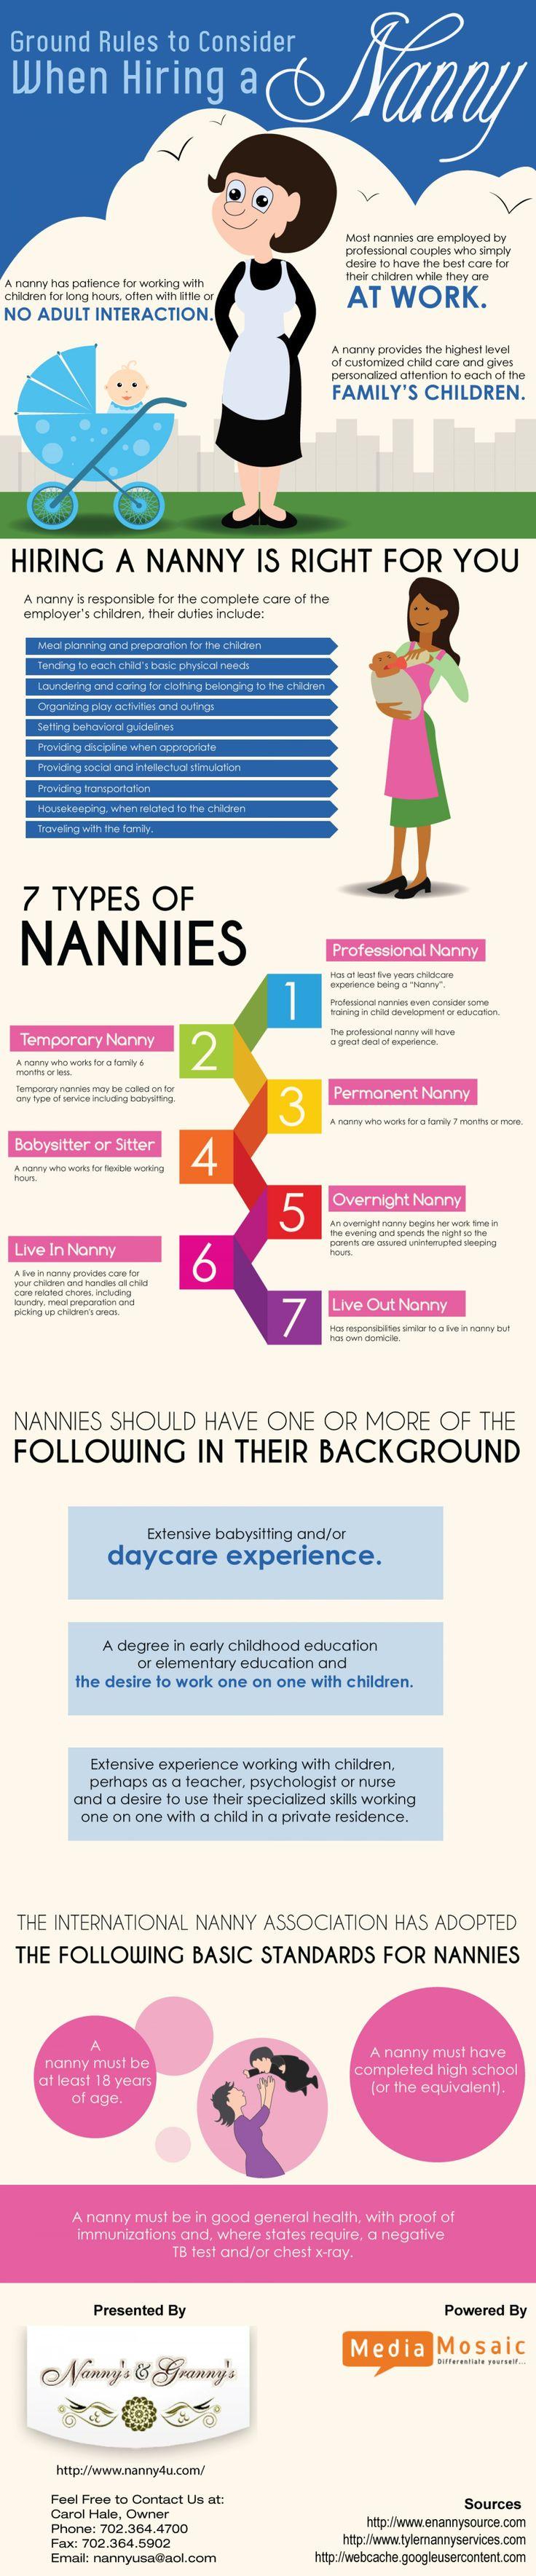 Best 20 Nanny Jobs Ideas On Pinterest Nanny Binder Summer